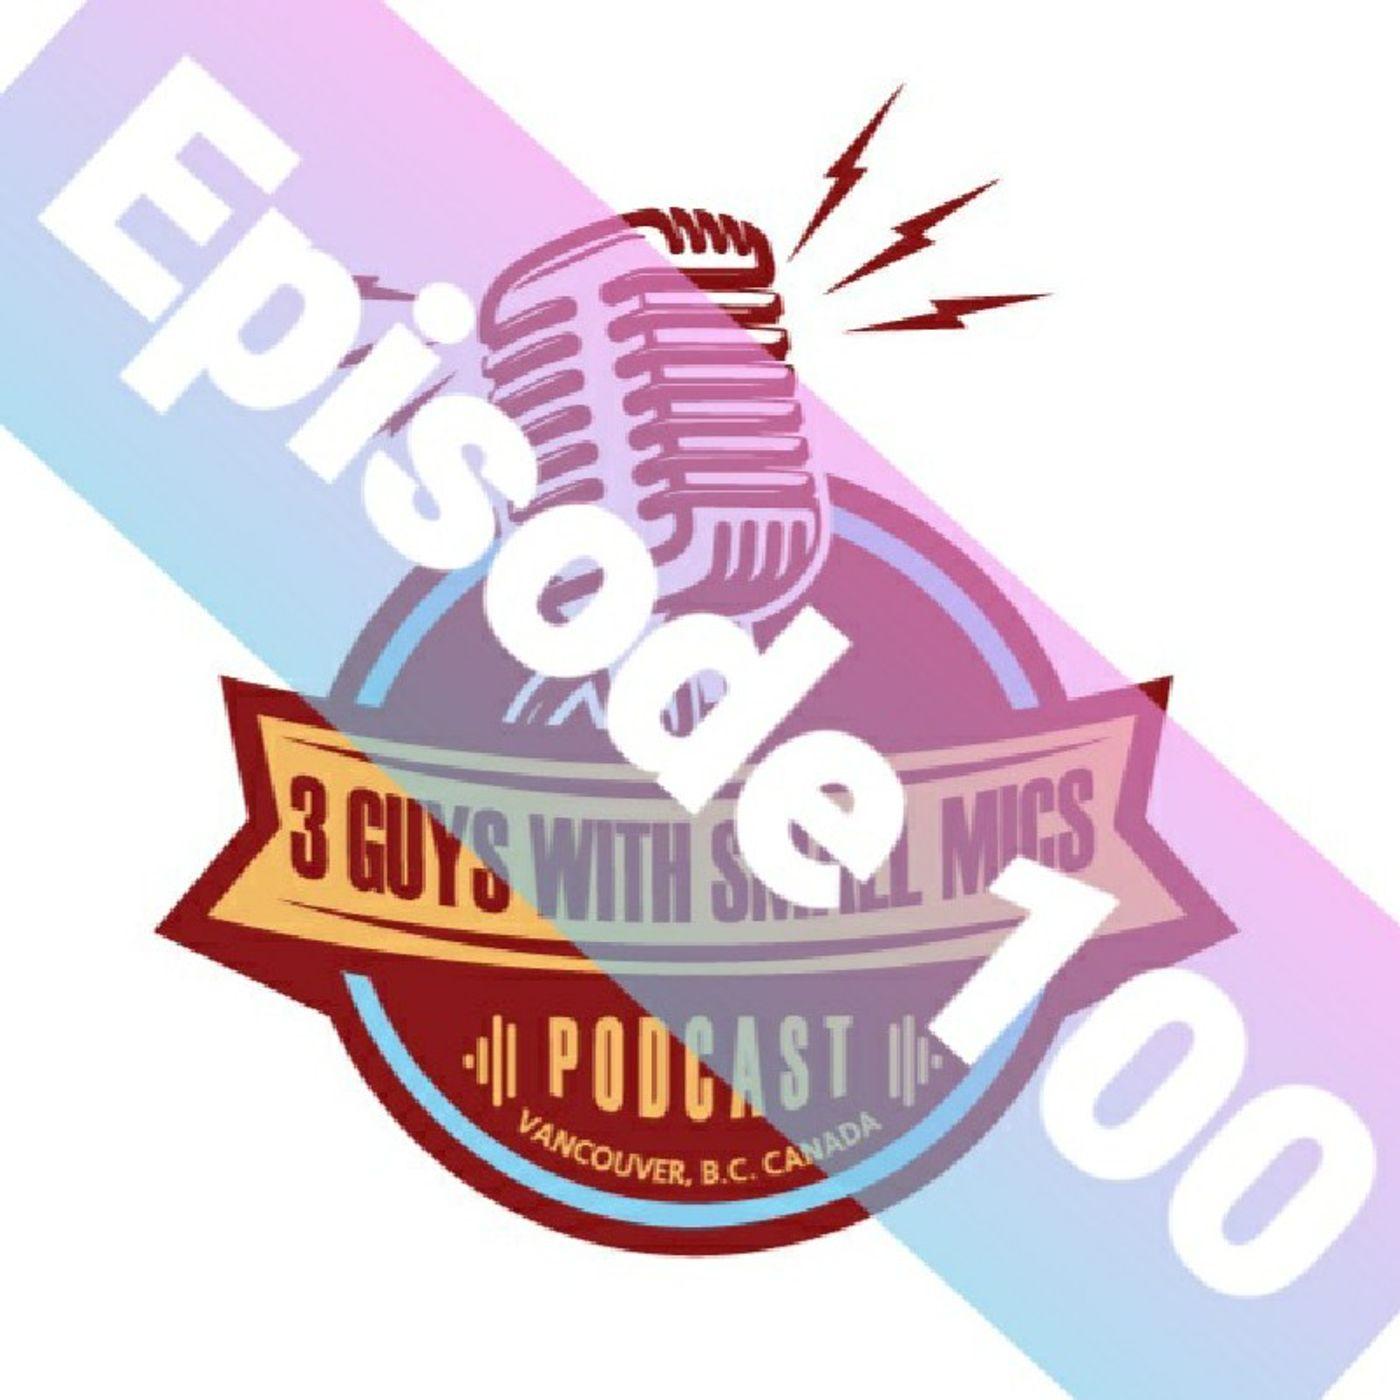 Episode 100 - Syndication